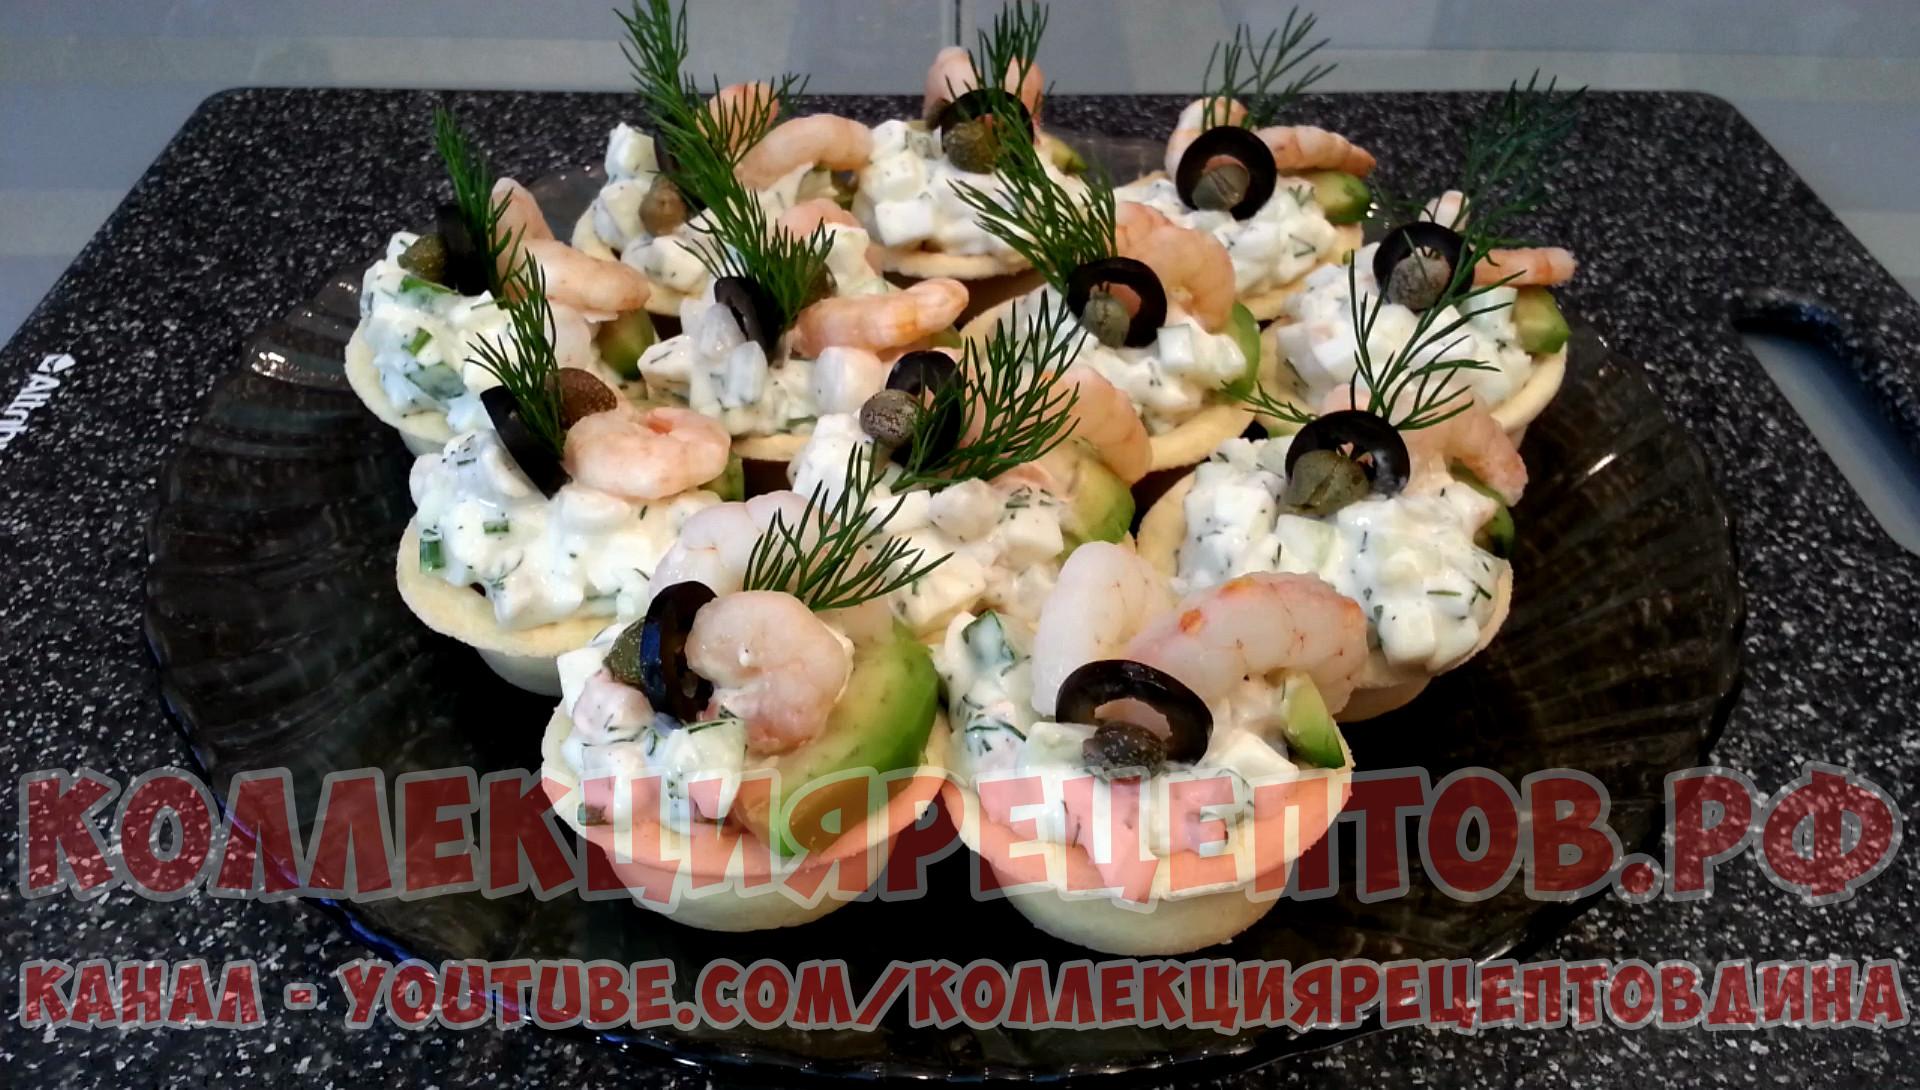 Украшаем подготовленные тарталетки ломтиками авокадо, целыми отварными креветками, колечками маслин, каперсами и свежим укропом